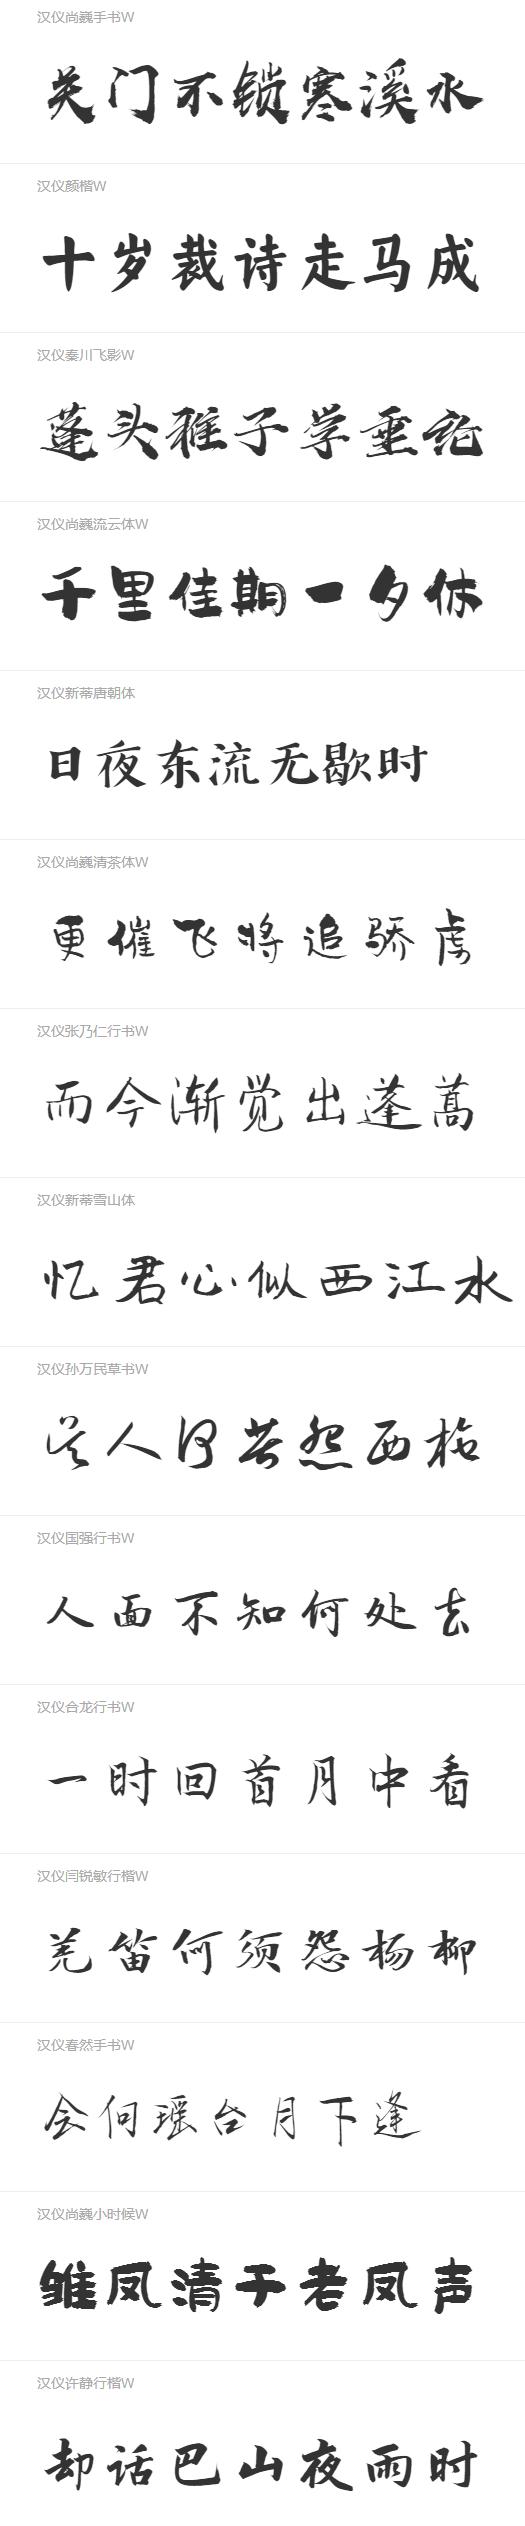 超全!73款高质量的手写风中文字体打包合辑(个人非商用版)